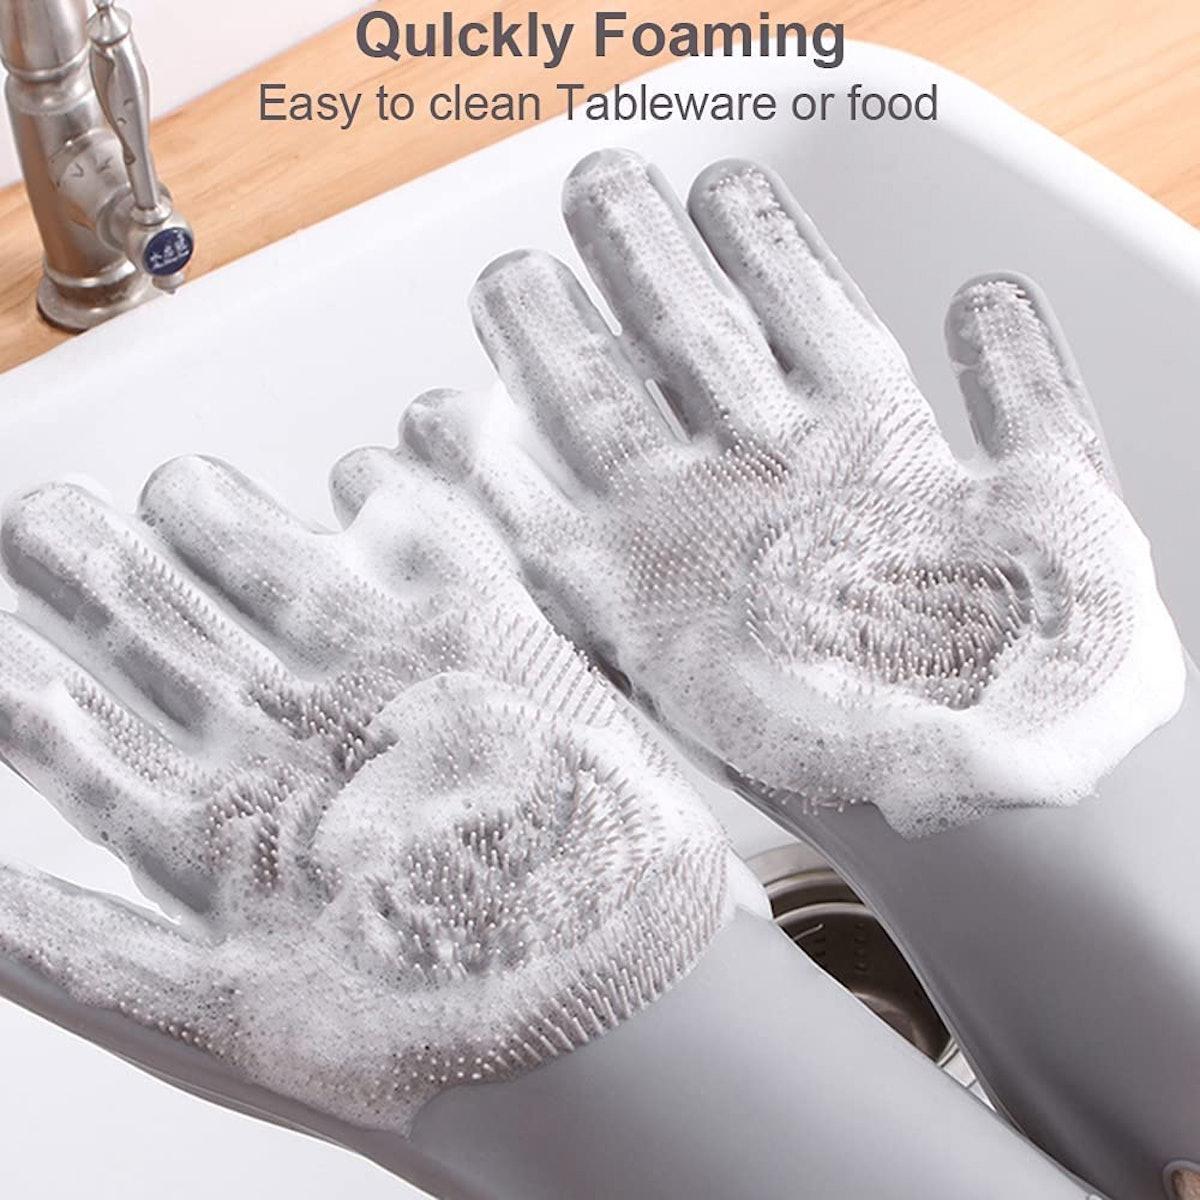 Coreykin Dishwashing Gloves